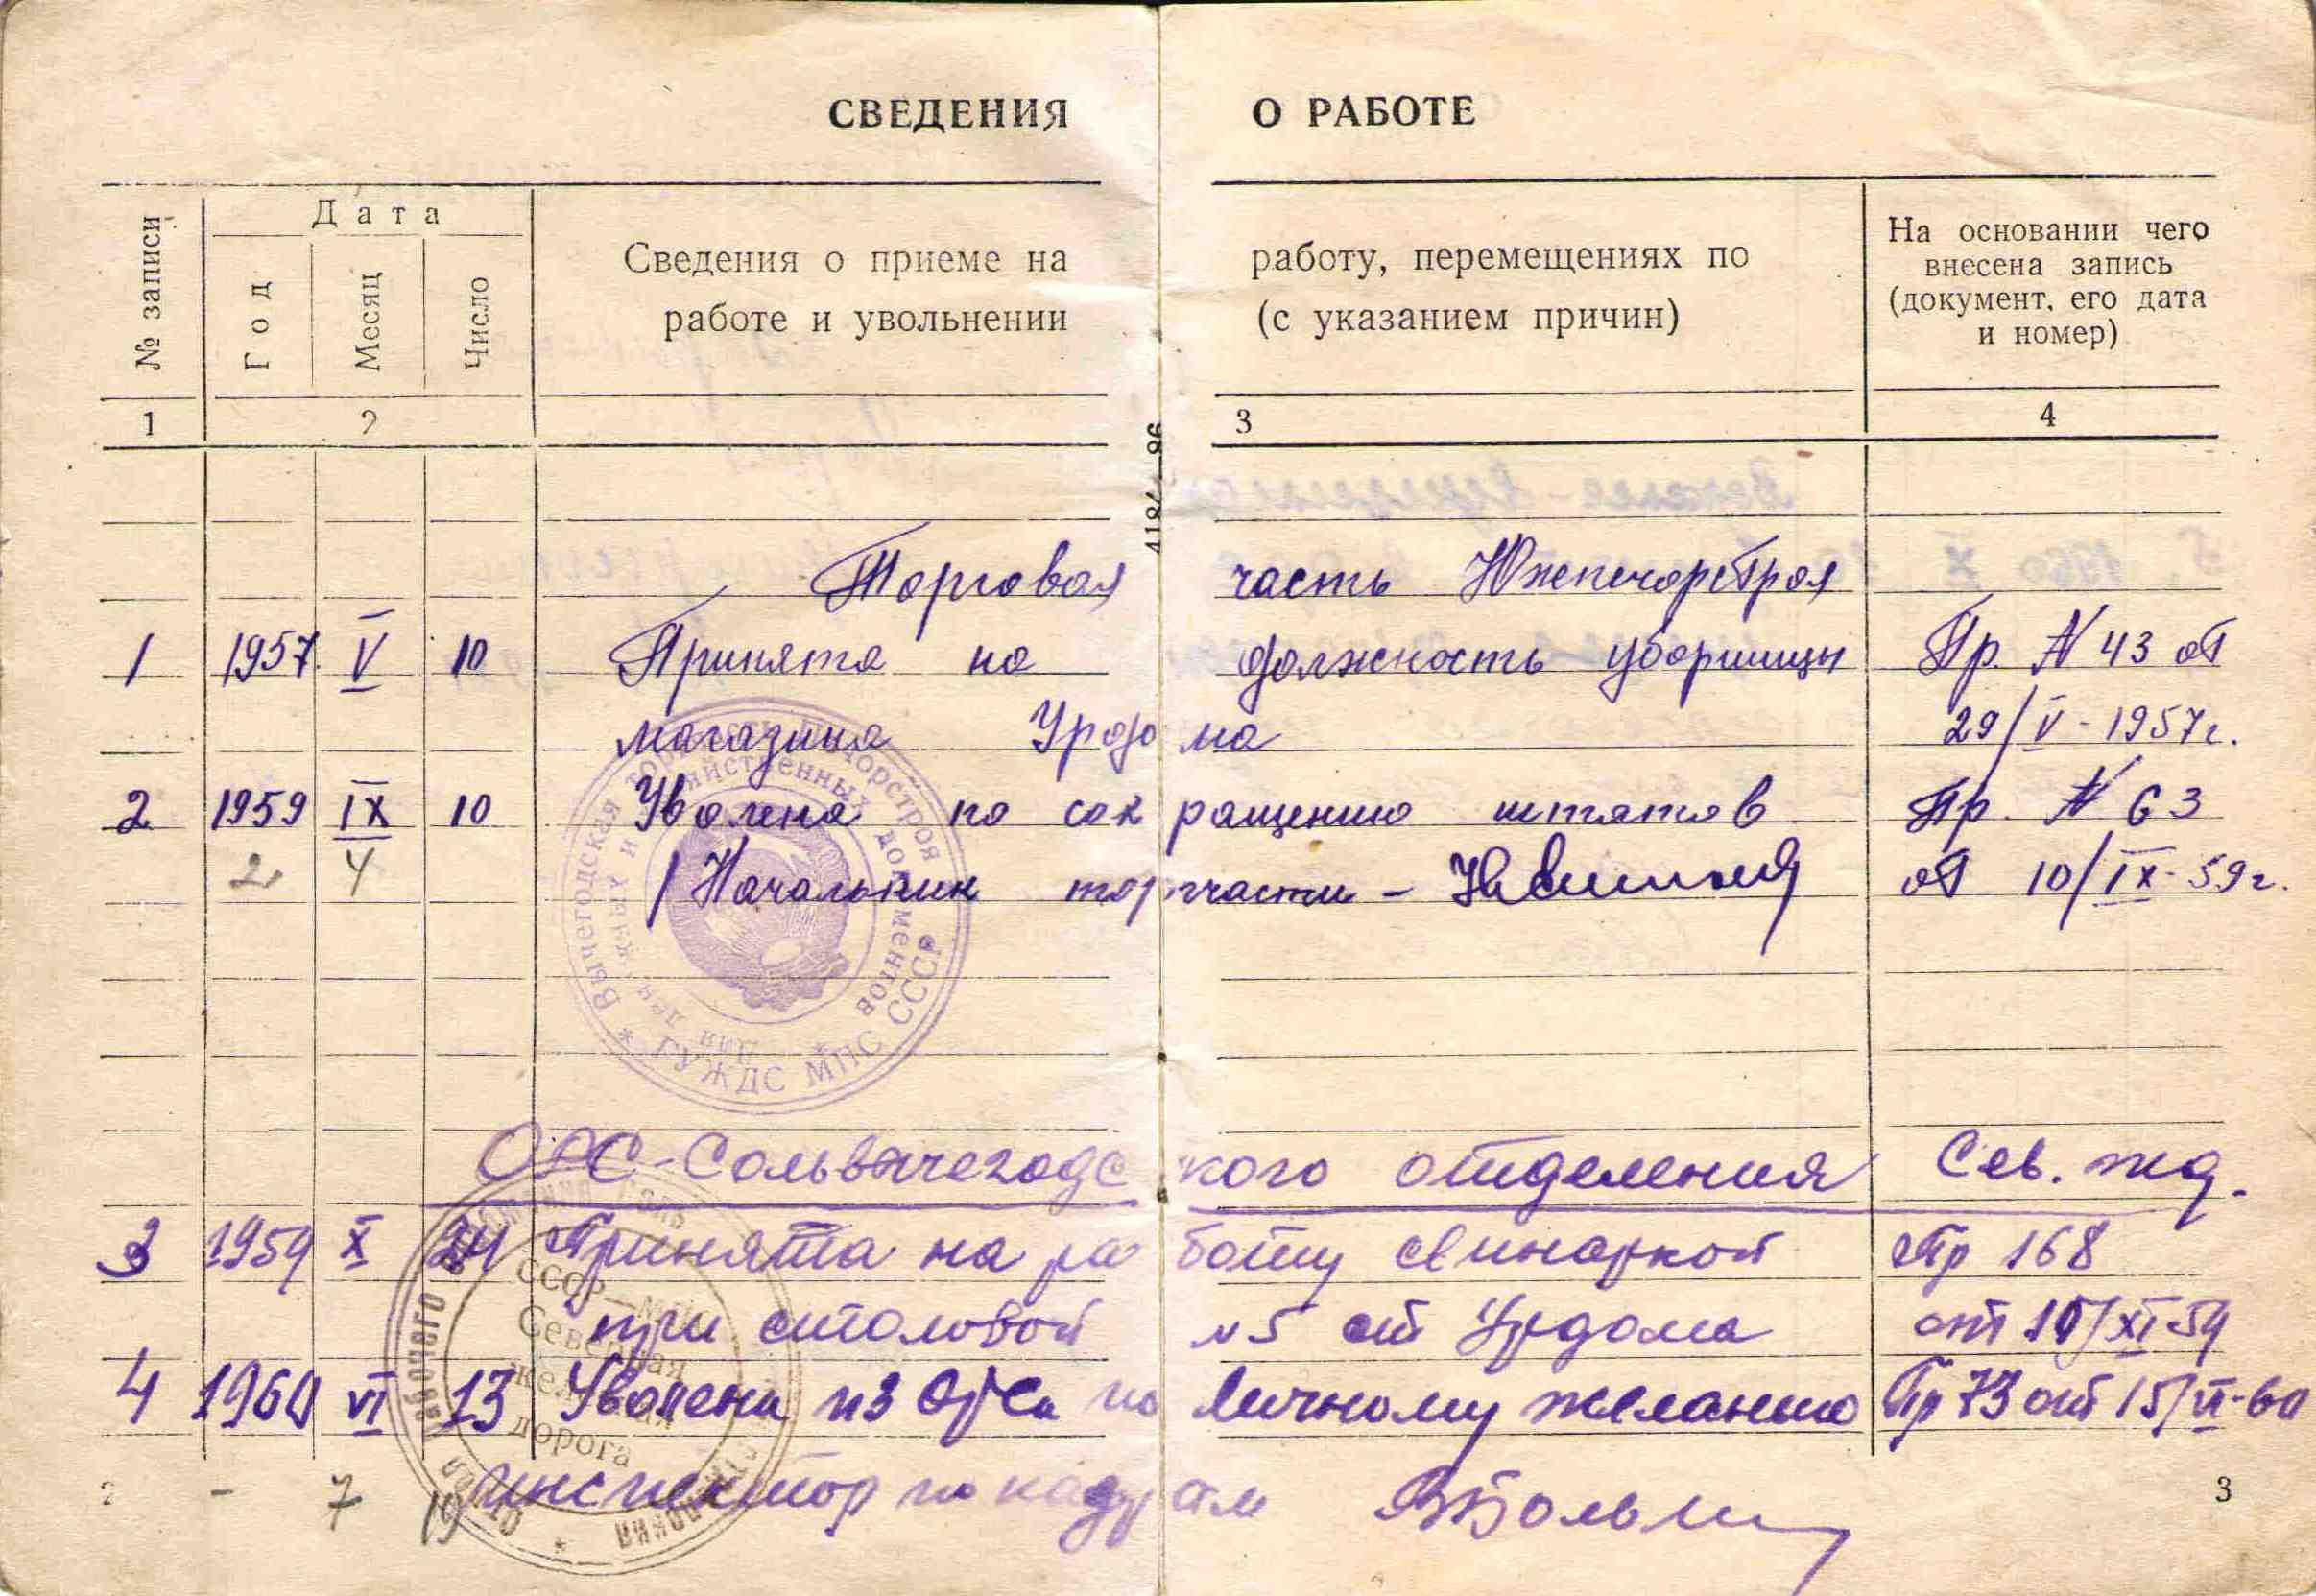 36. Трудовая книжка Барыкиной МГ, 1957